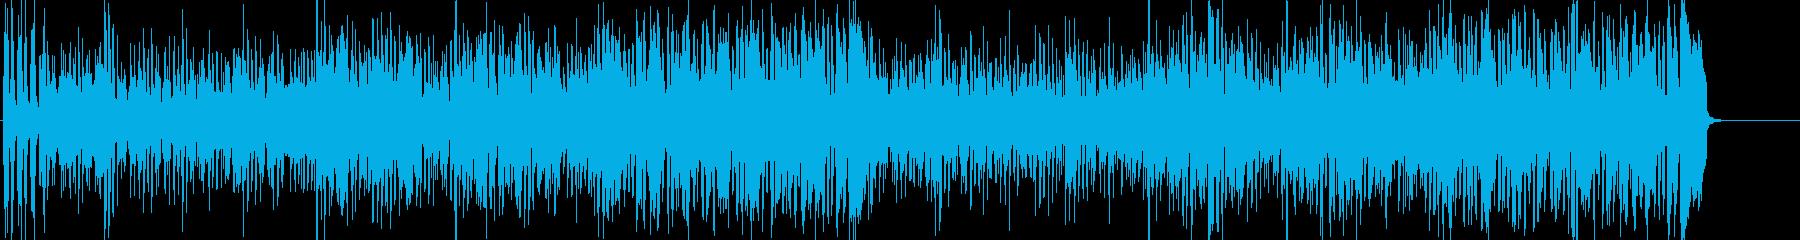 軽快で楽しいポップファンクの再生済みの波形